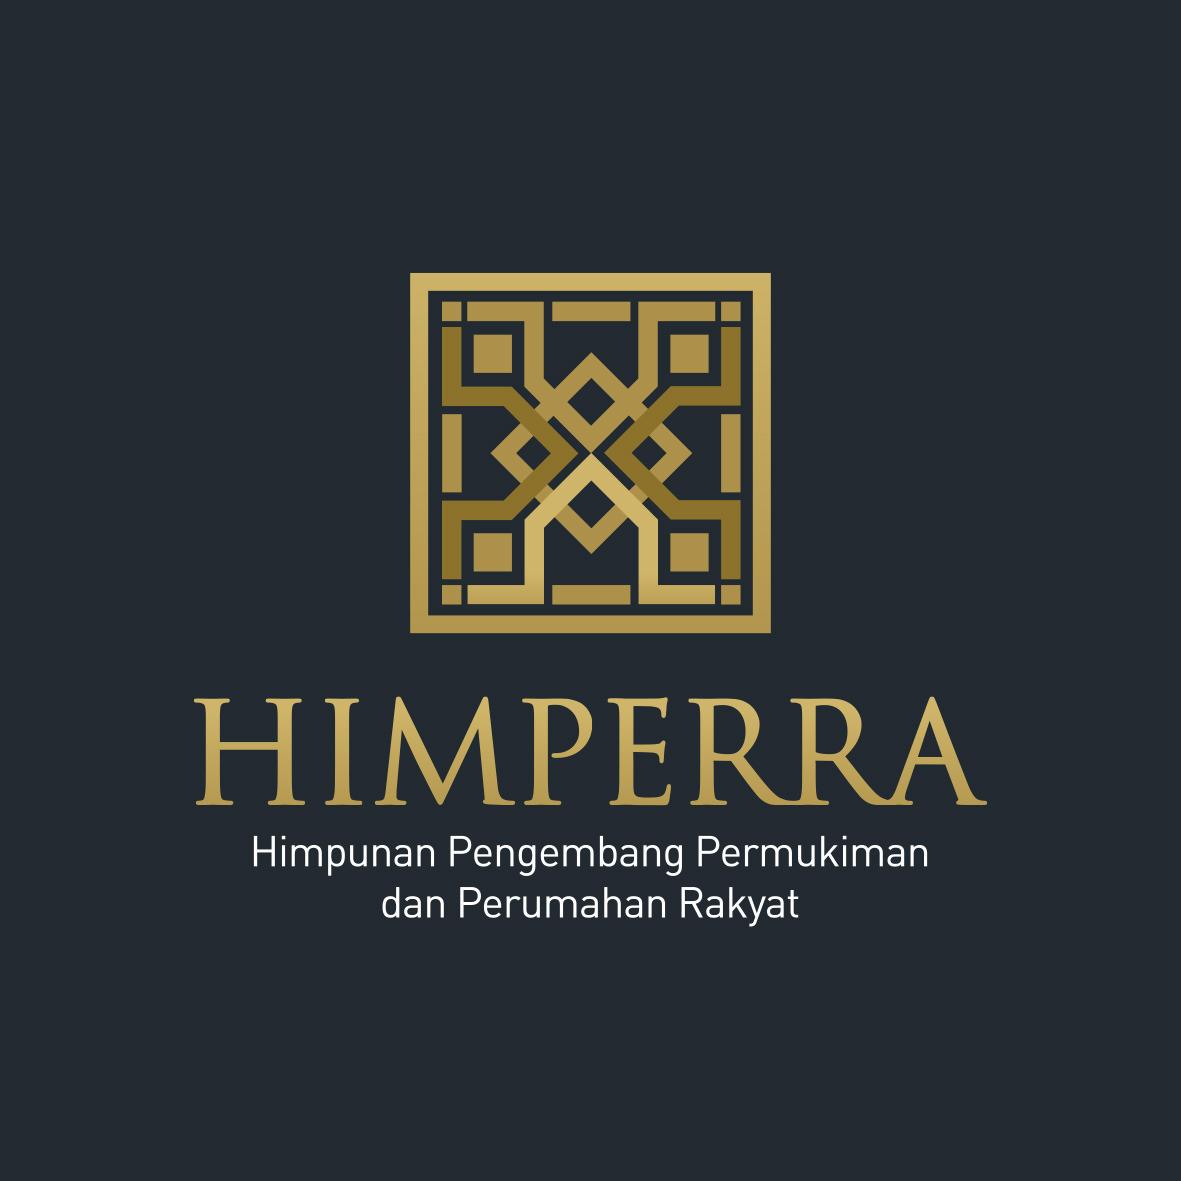 Himperra Logo